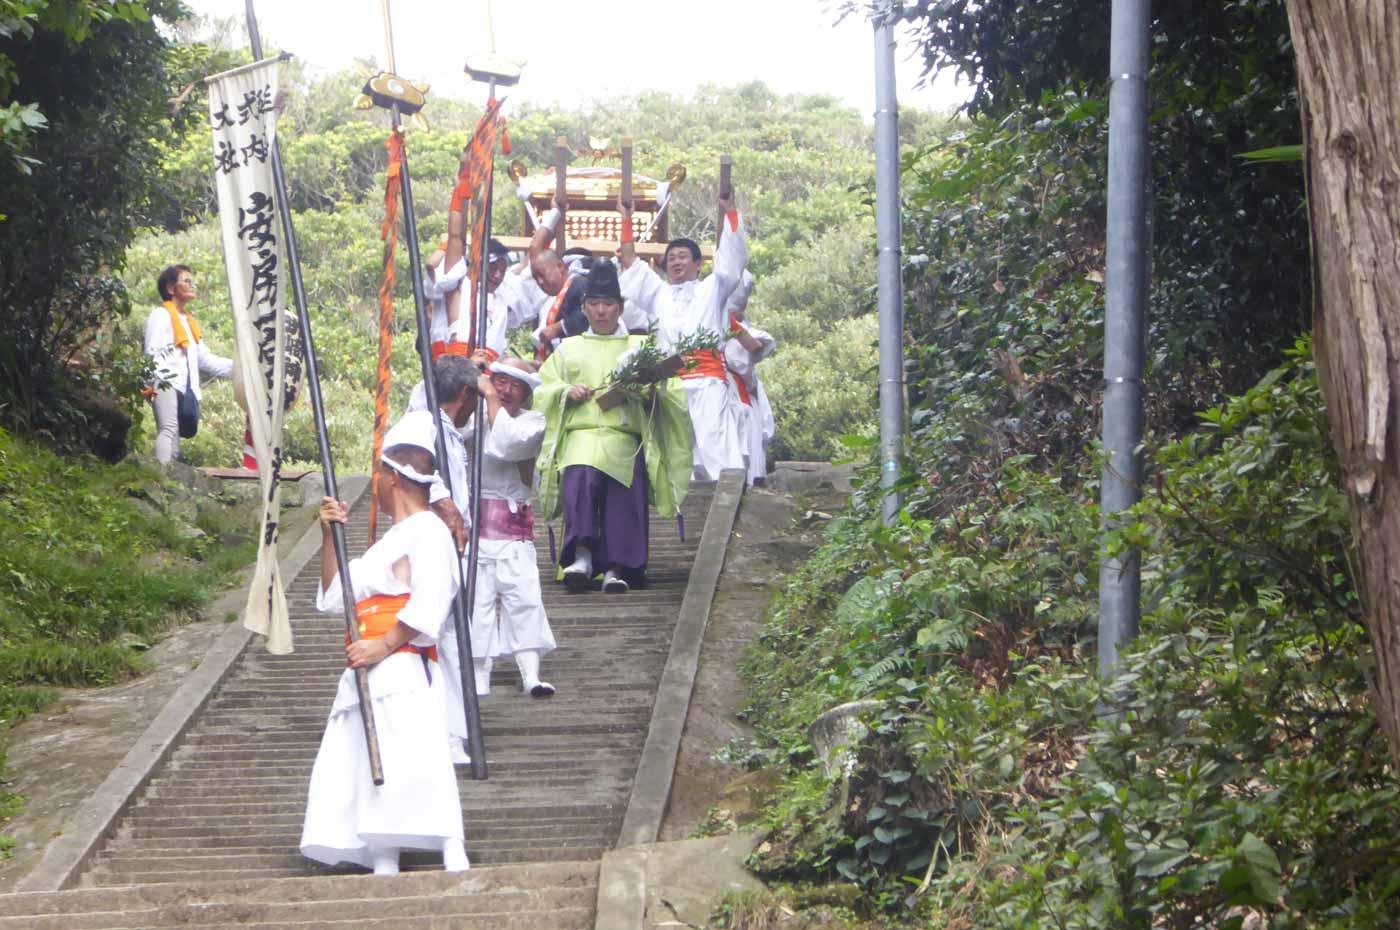 洲崎神社の神輿